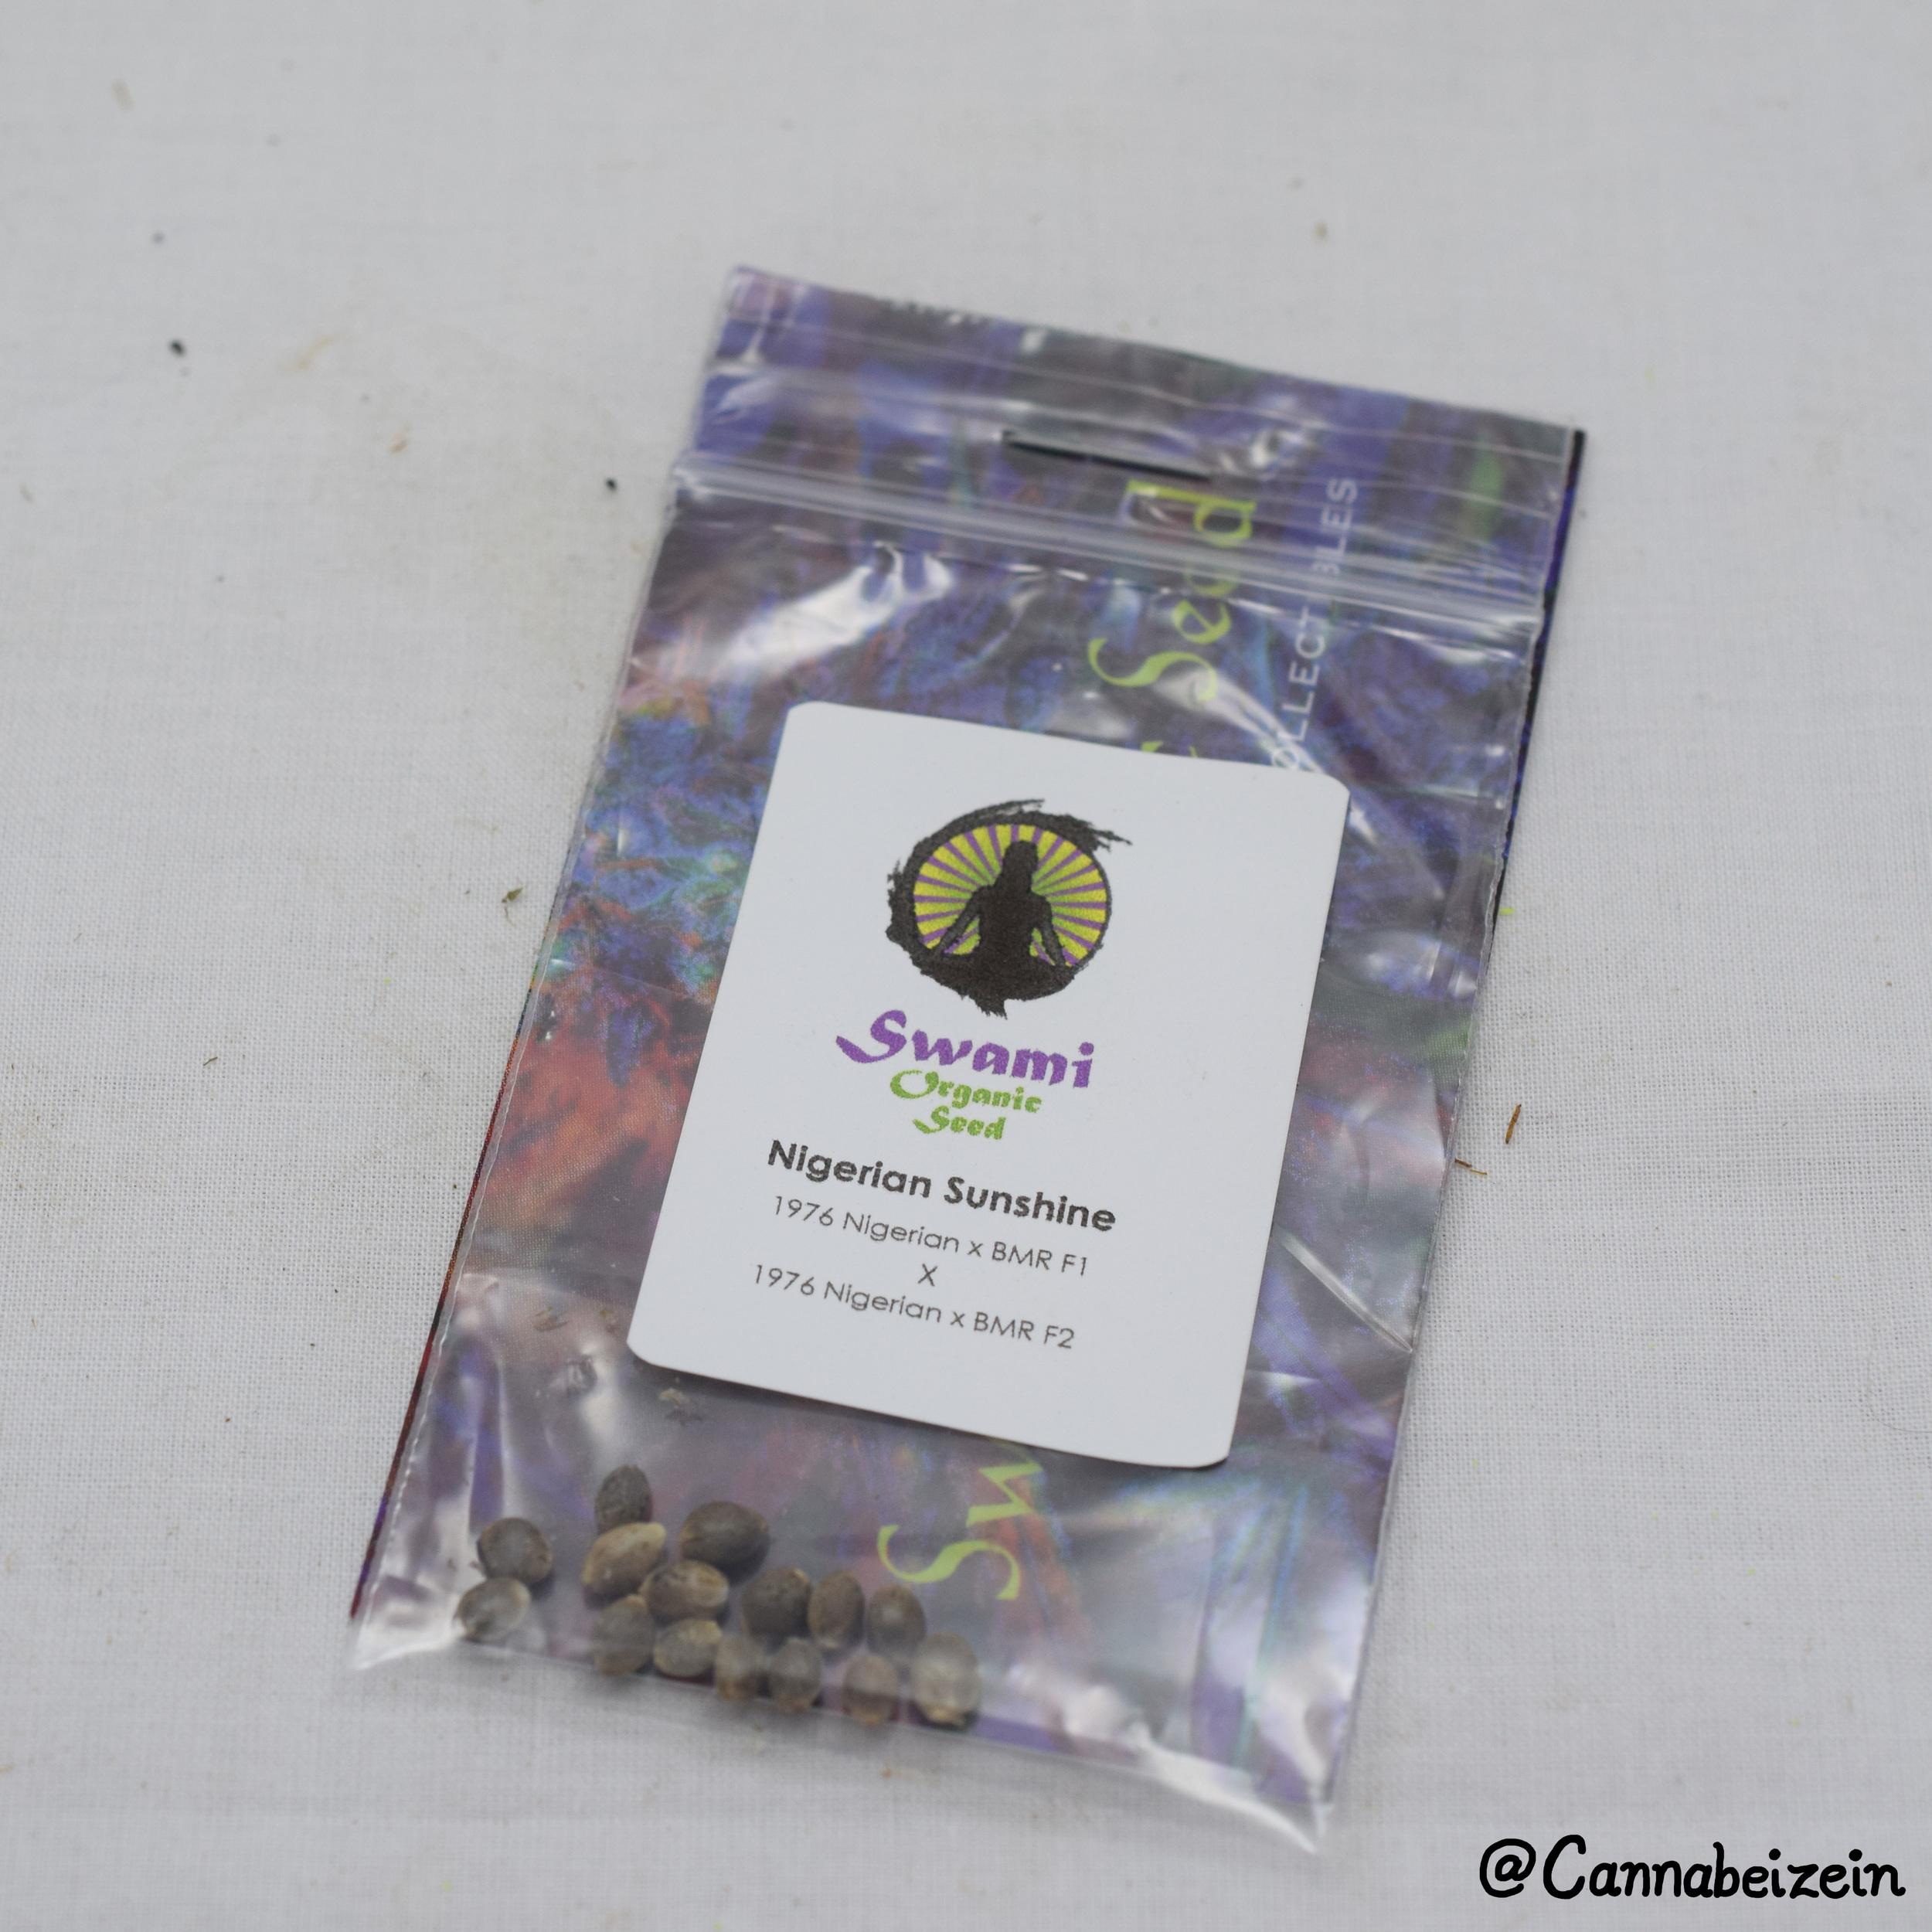 Cannabeizein 0199 - Swami Seeds - DSC_0184 copy.jpg